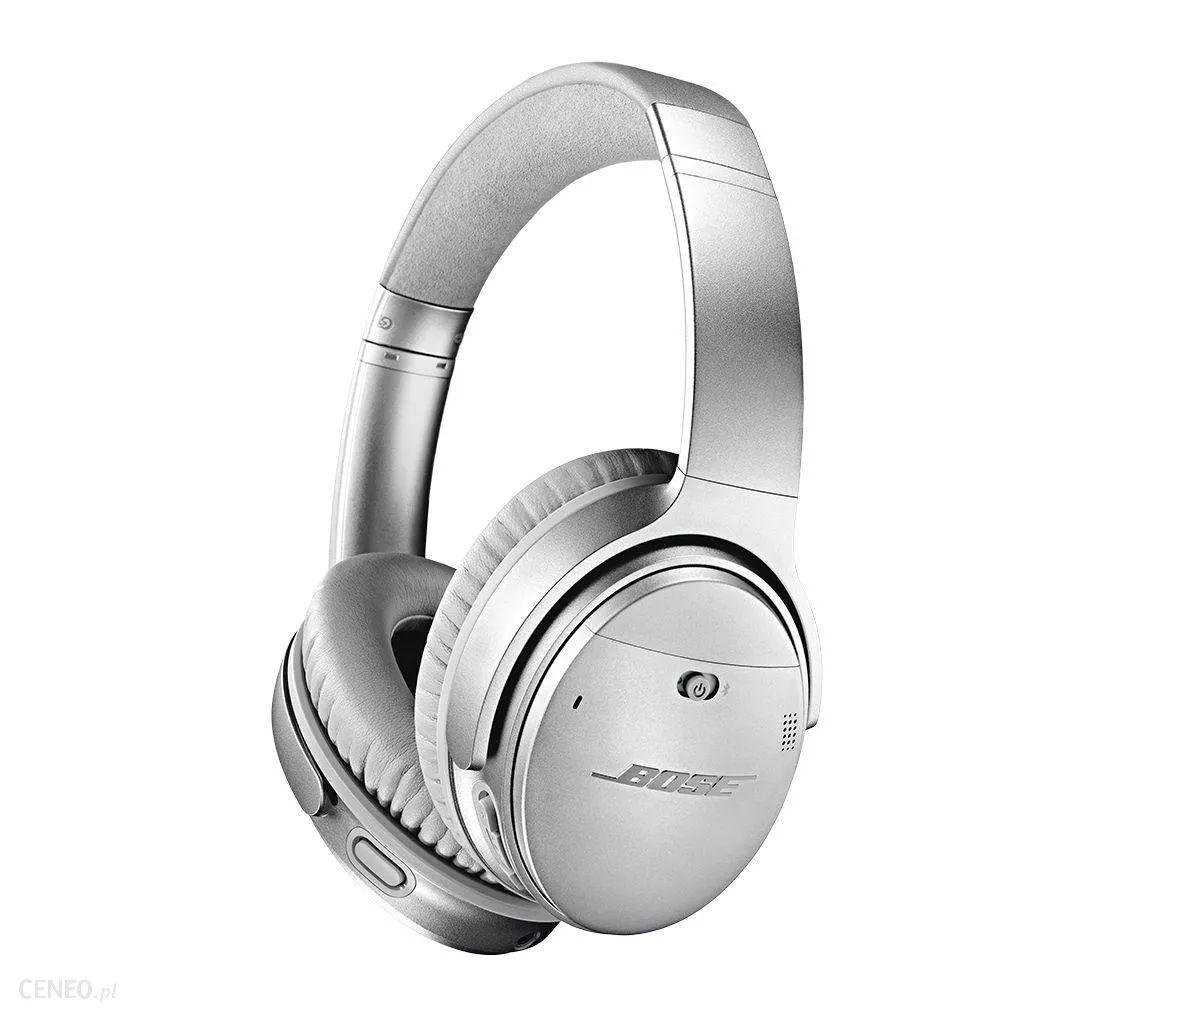 Słuchawki Bose Quietcomfort 35 II srebrne - Media Markt